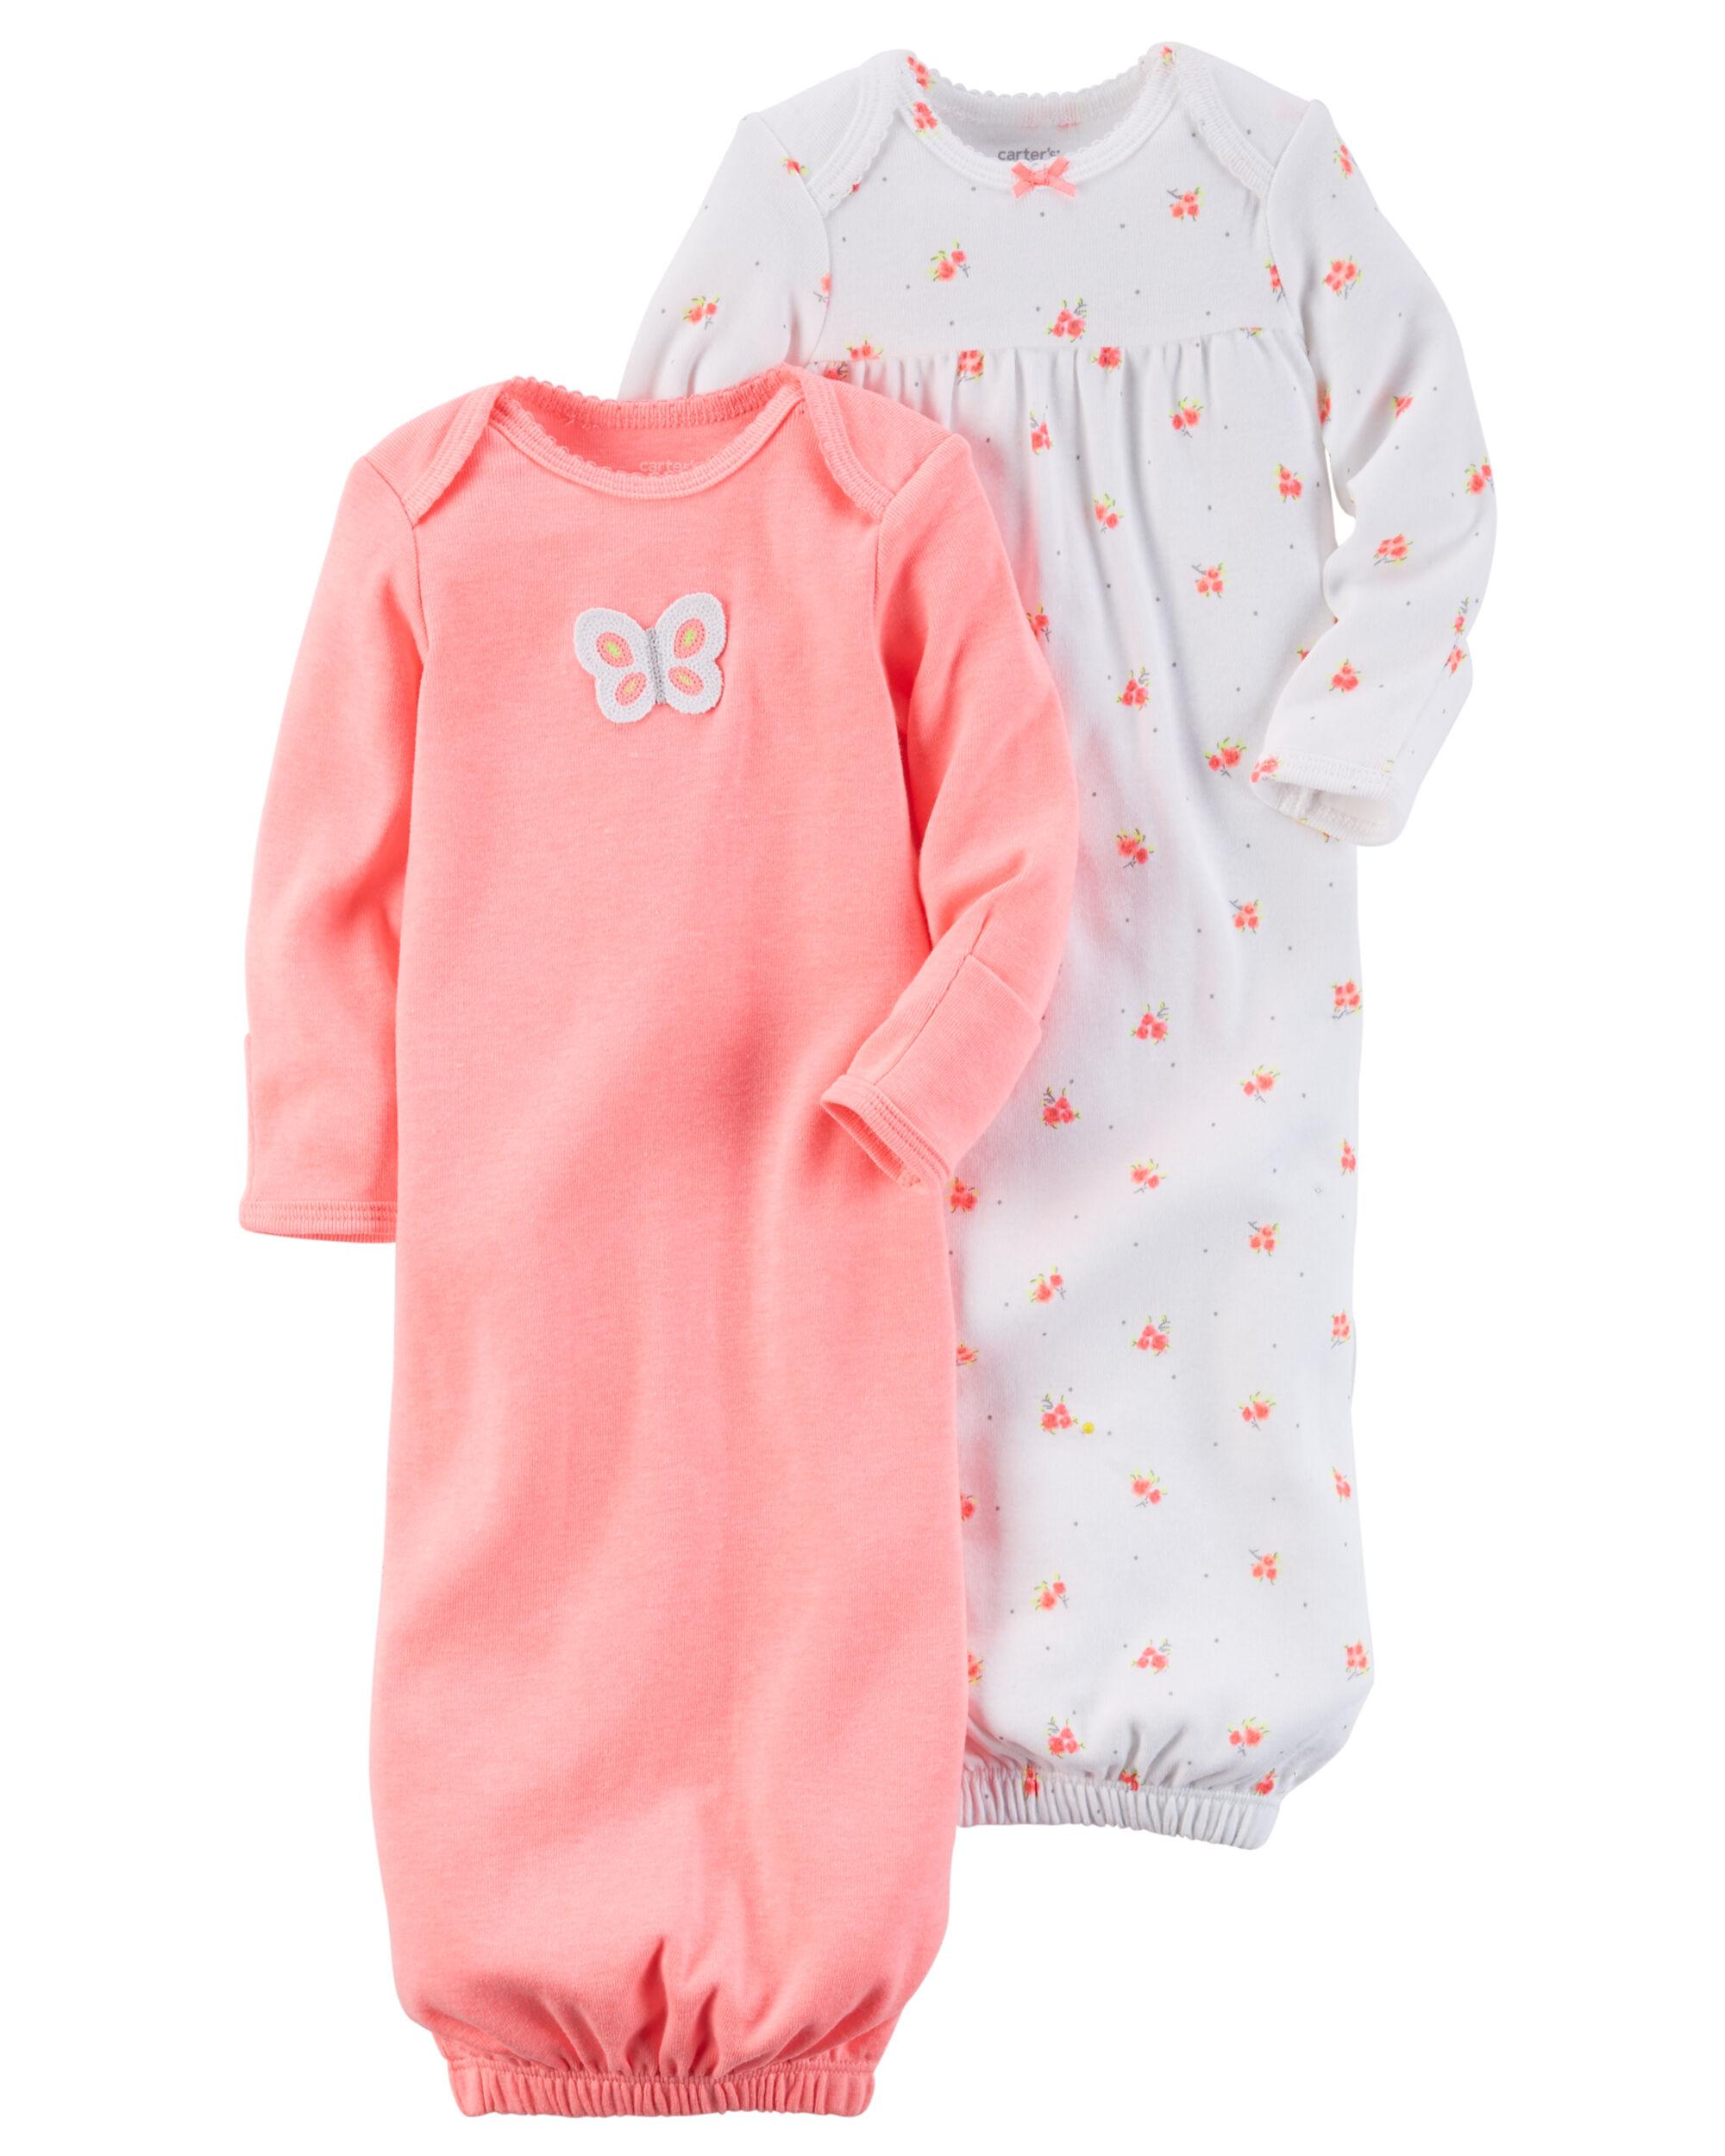 2-Pack Babysoft Neon Sleeper Gowns | Carters.com